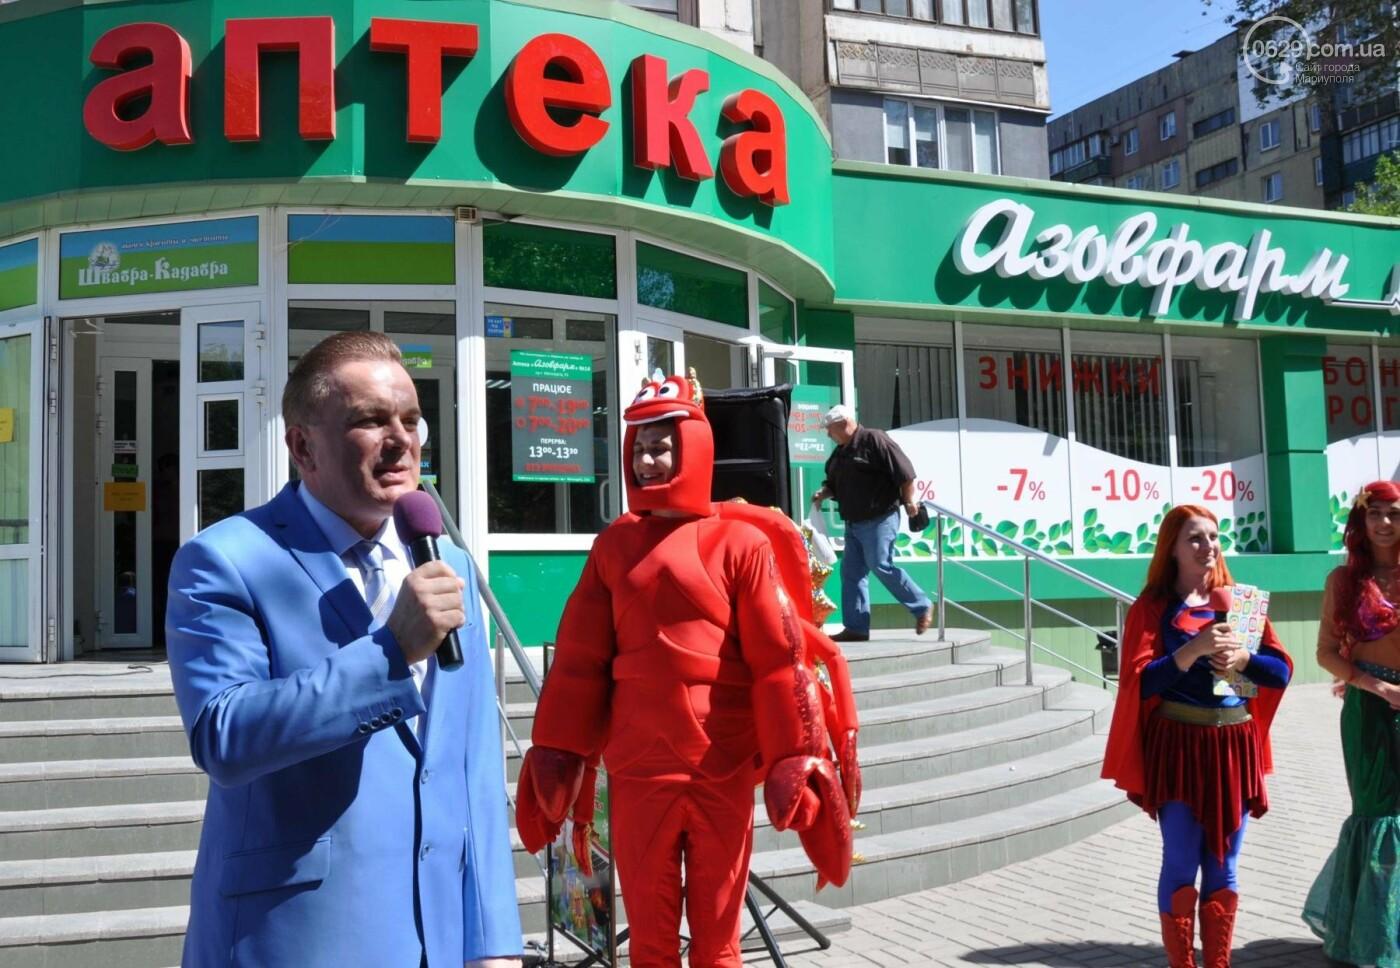 В аптеке «Азовфарм» провели праздник для детей и разыграли призы, фото-3